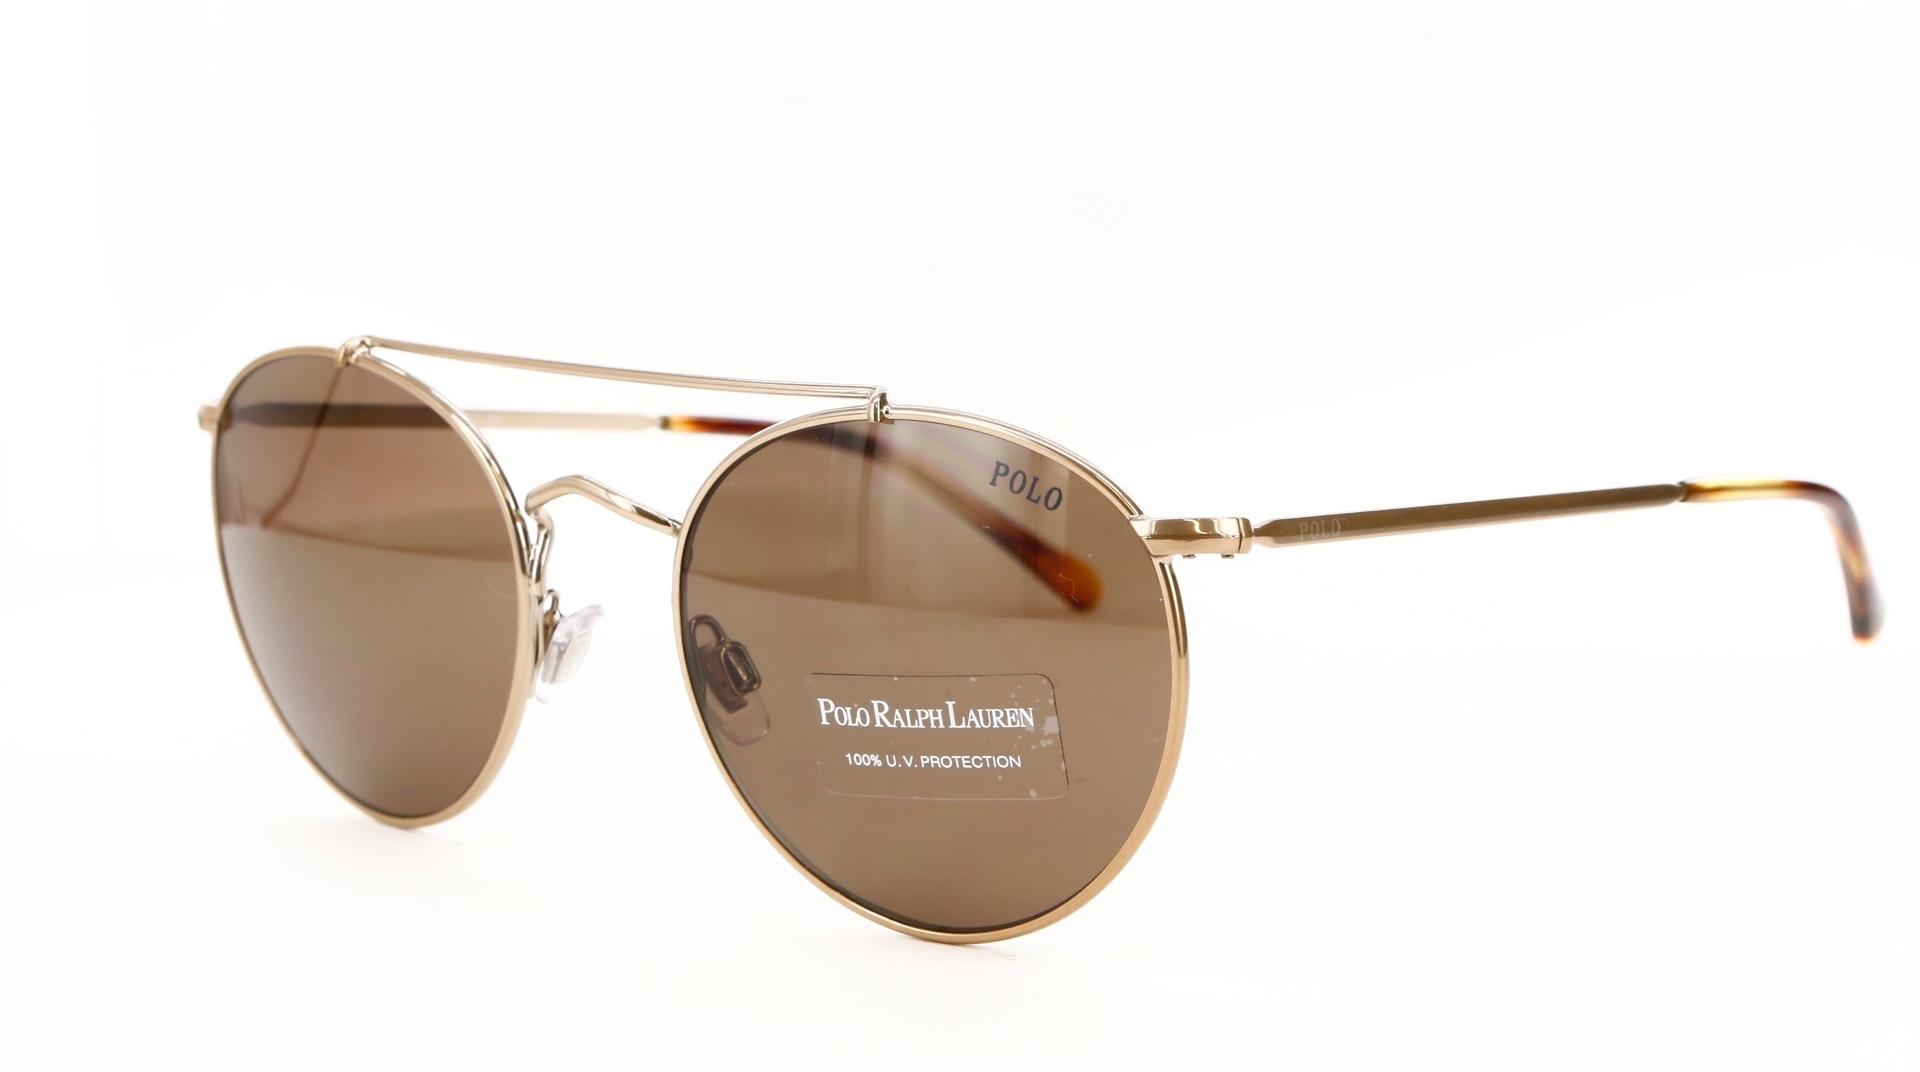 Polo Ralph Lauren - ref: 79602